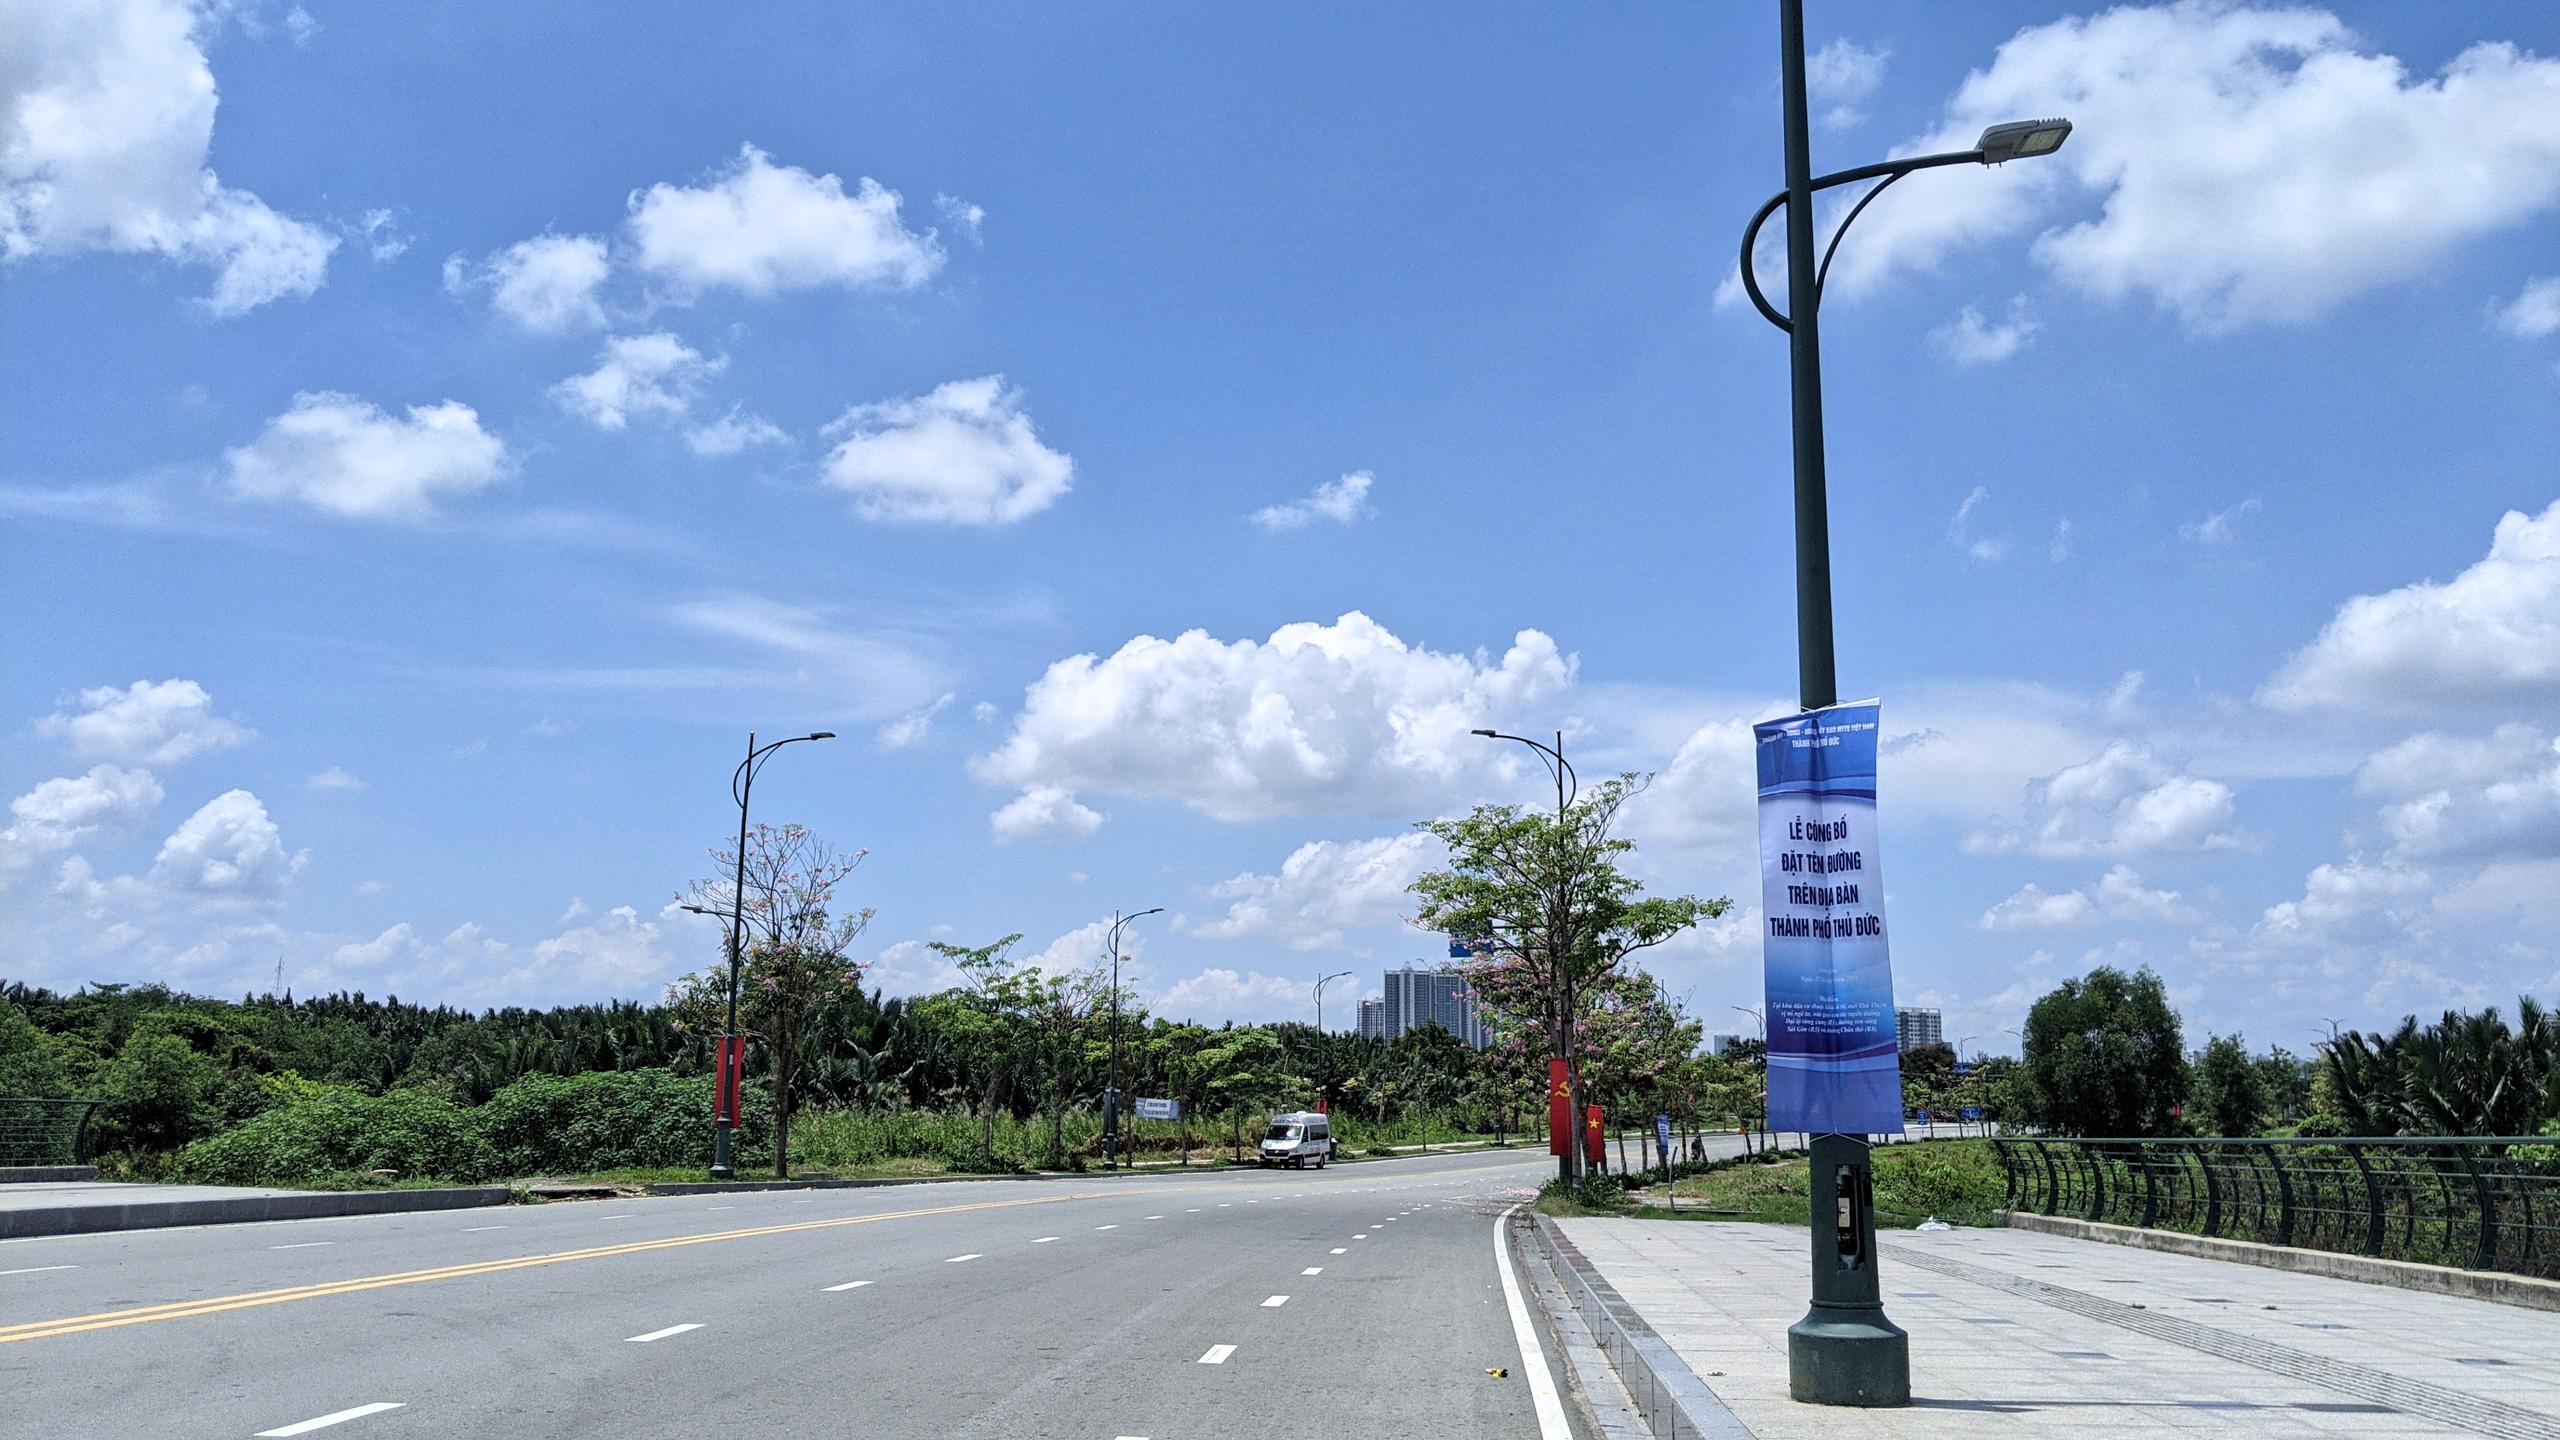 Ngắm những tuyến đường vừa được đặt tên ở TP Thủ Đức - Ảnh 8.